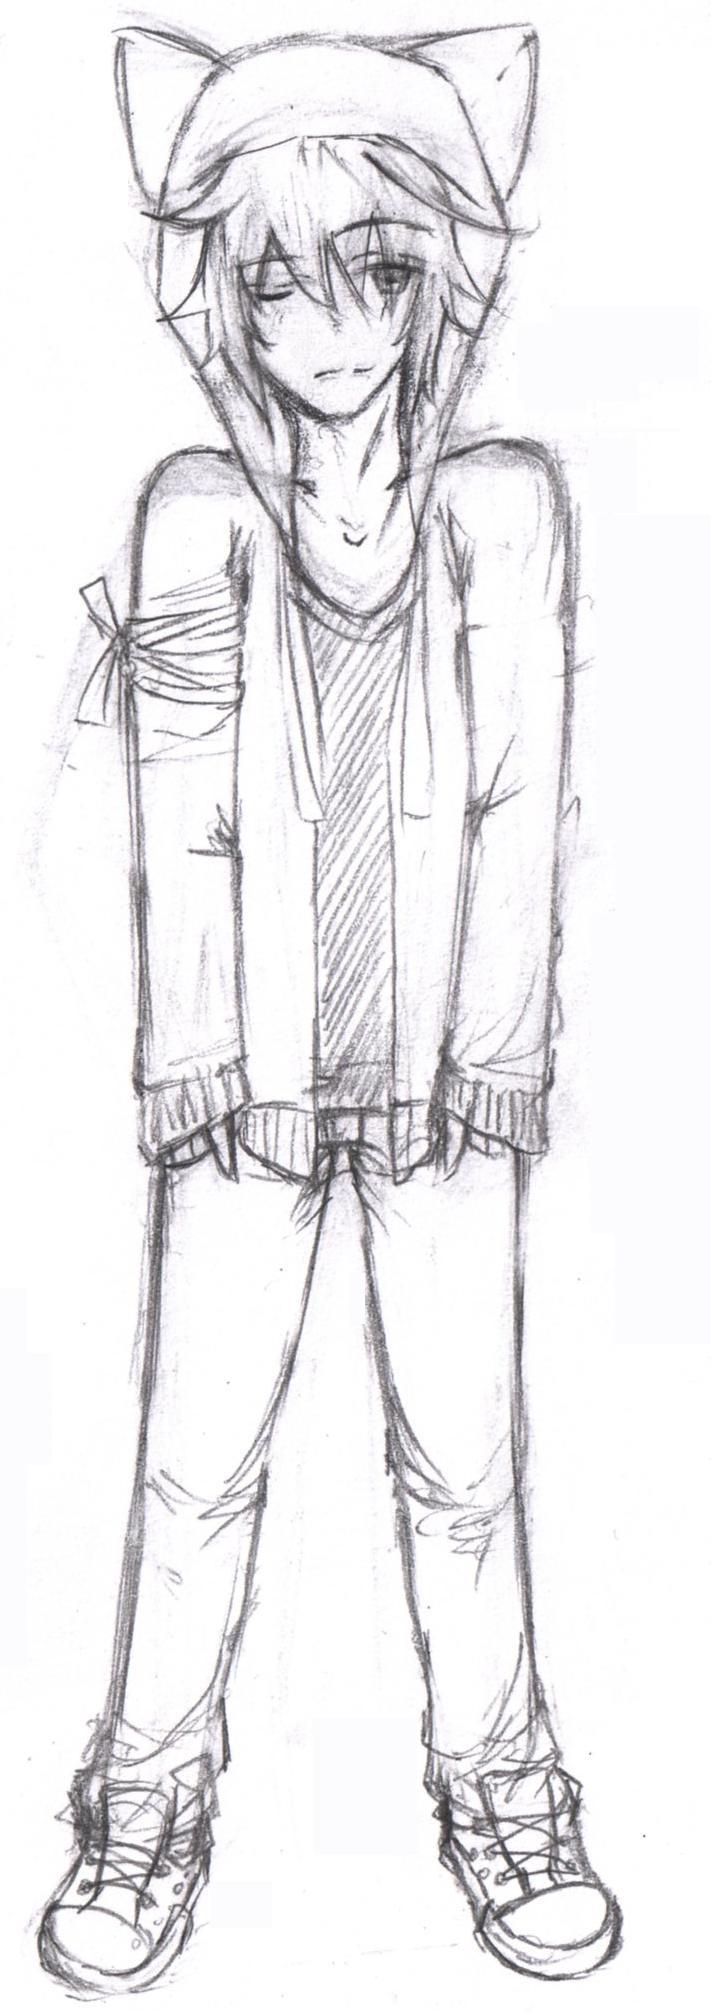 Sketch by Ichigo84